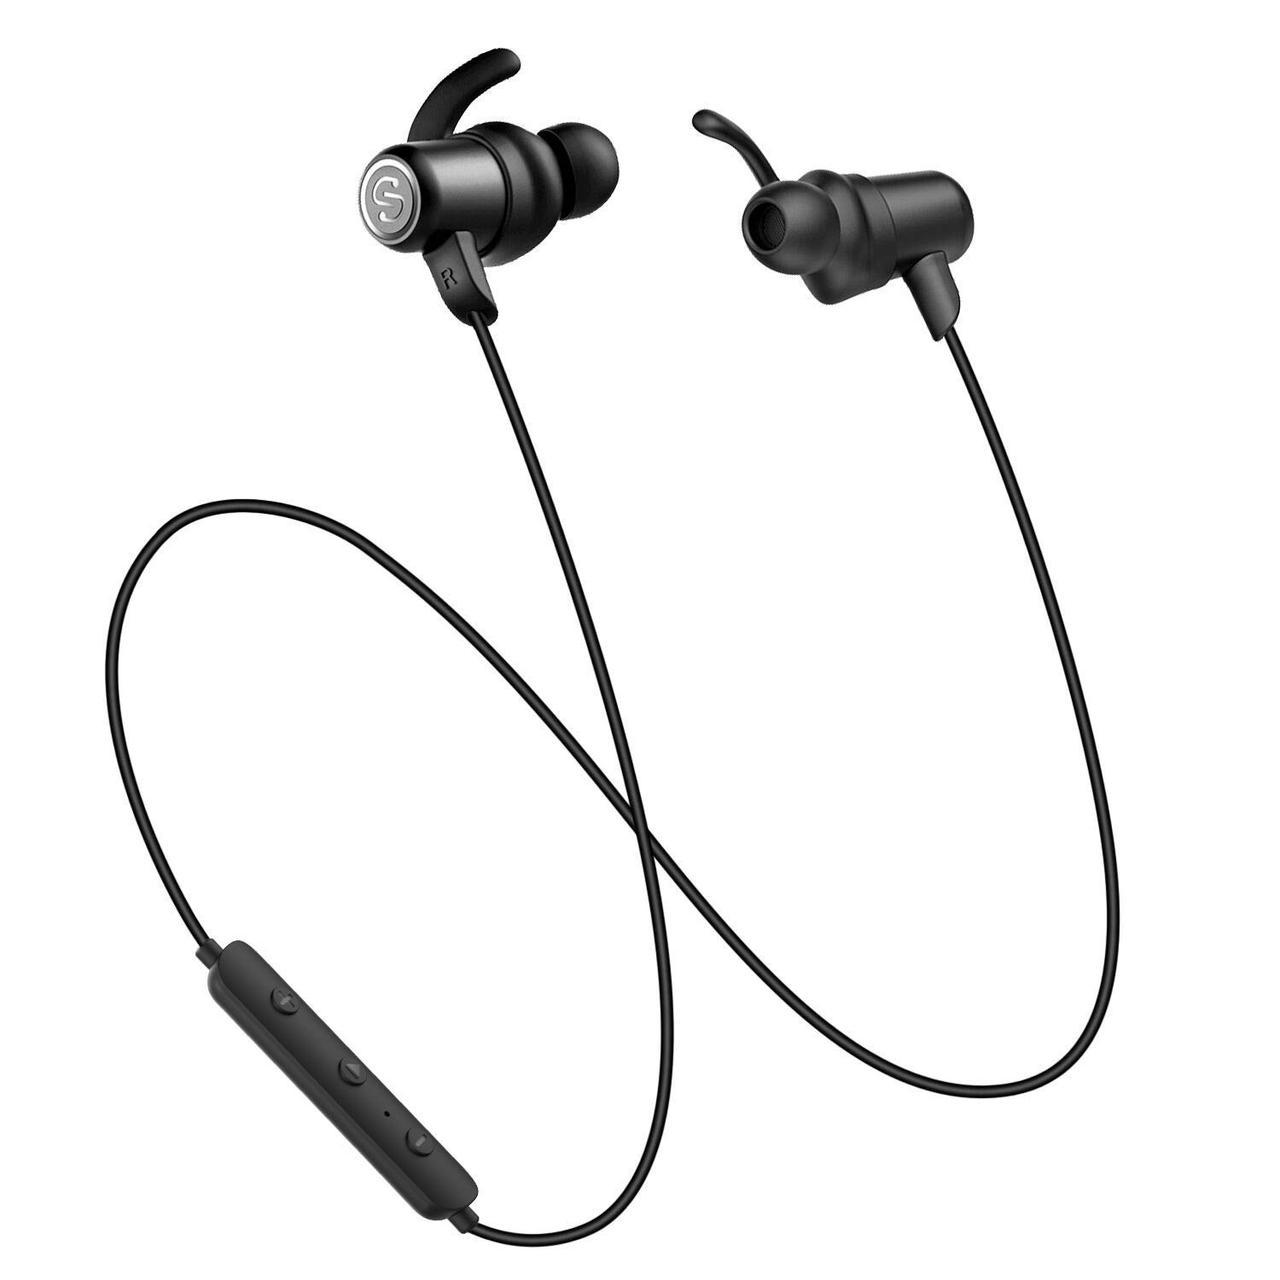 Навушники безпровідні Tektek магнітні IPX6 водонепроникні